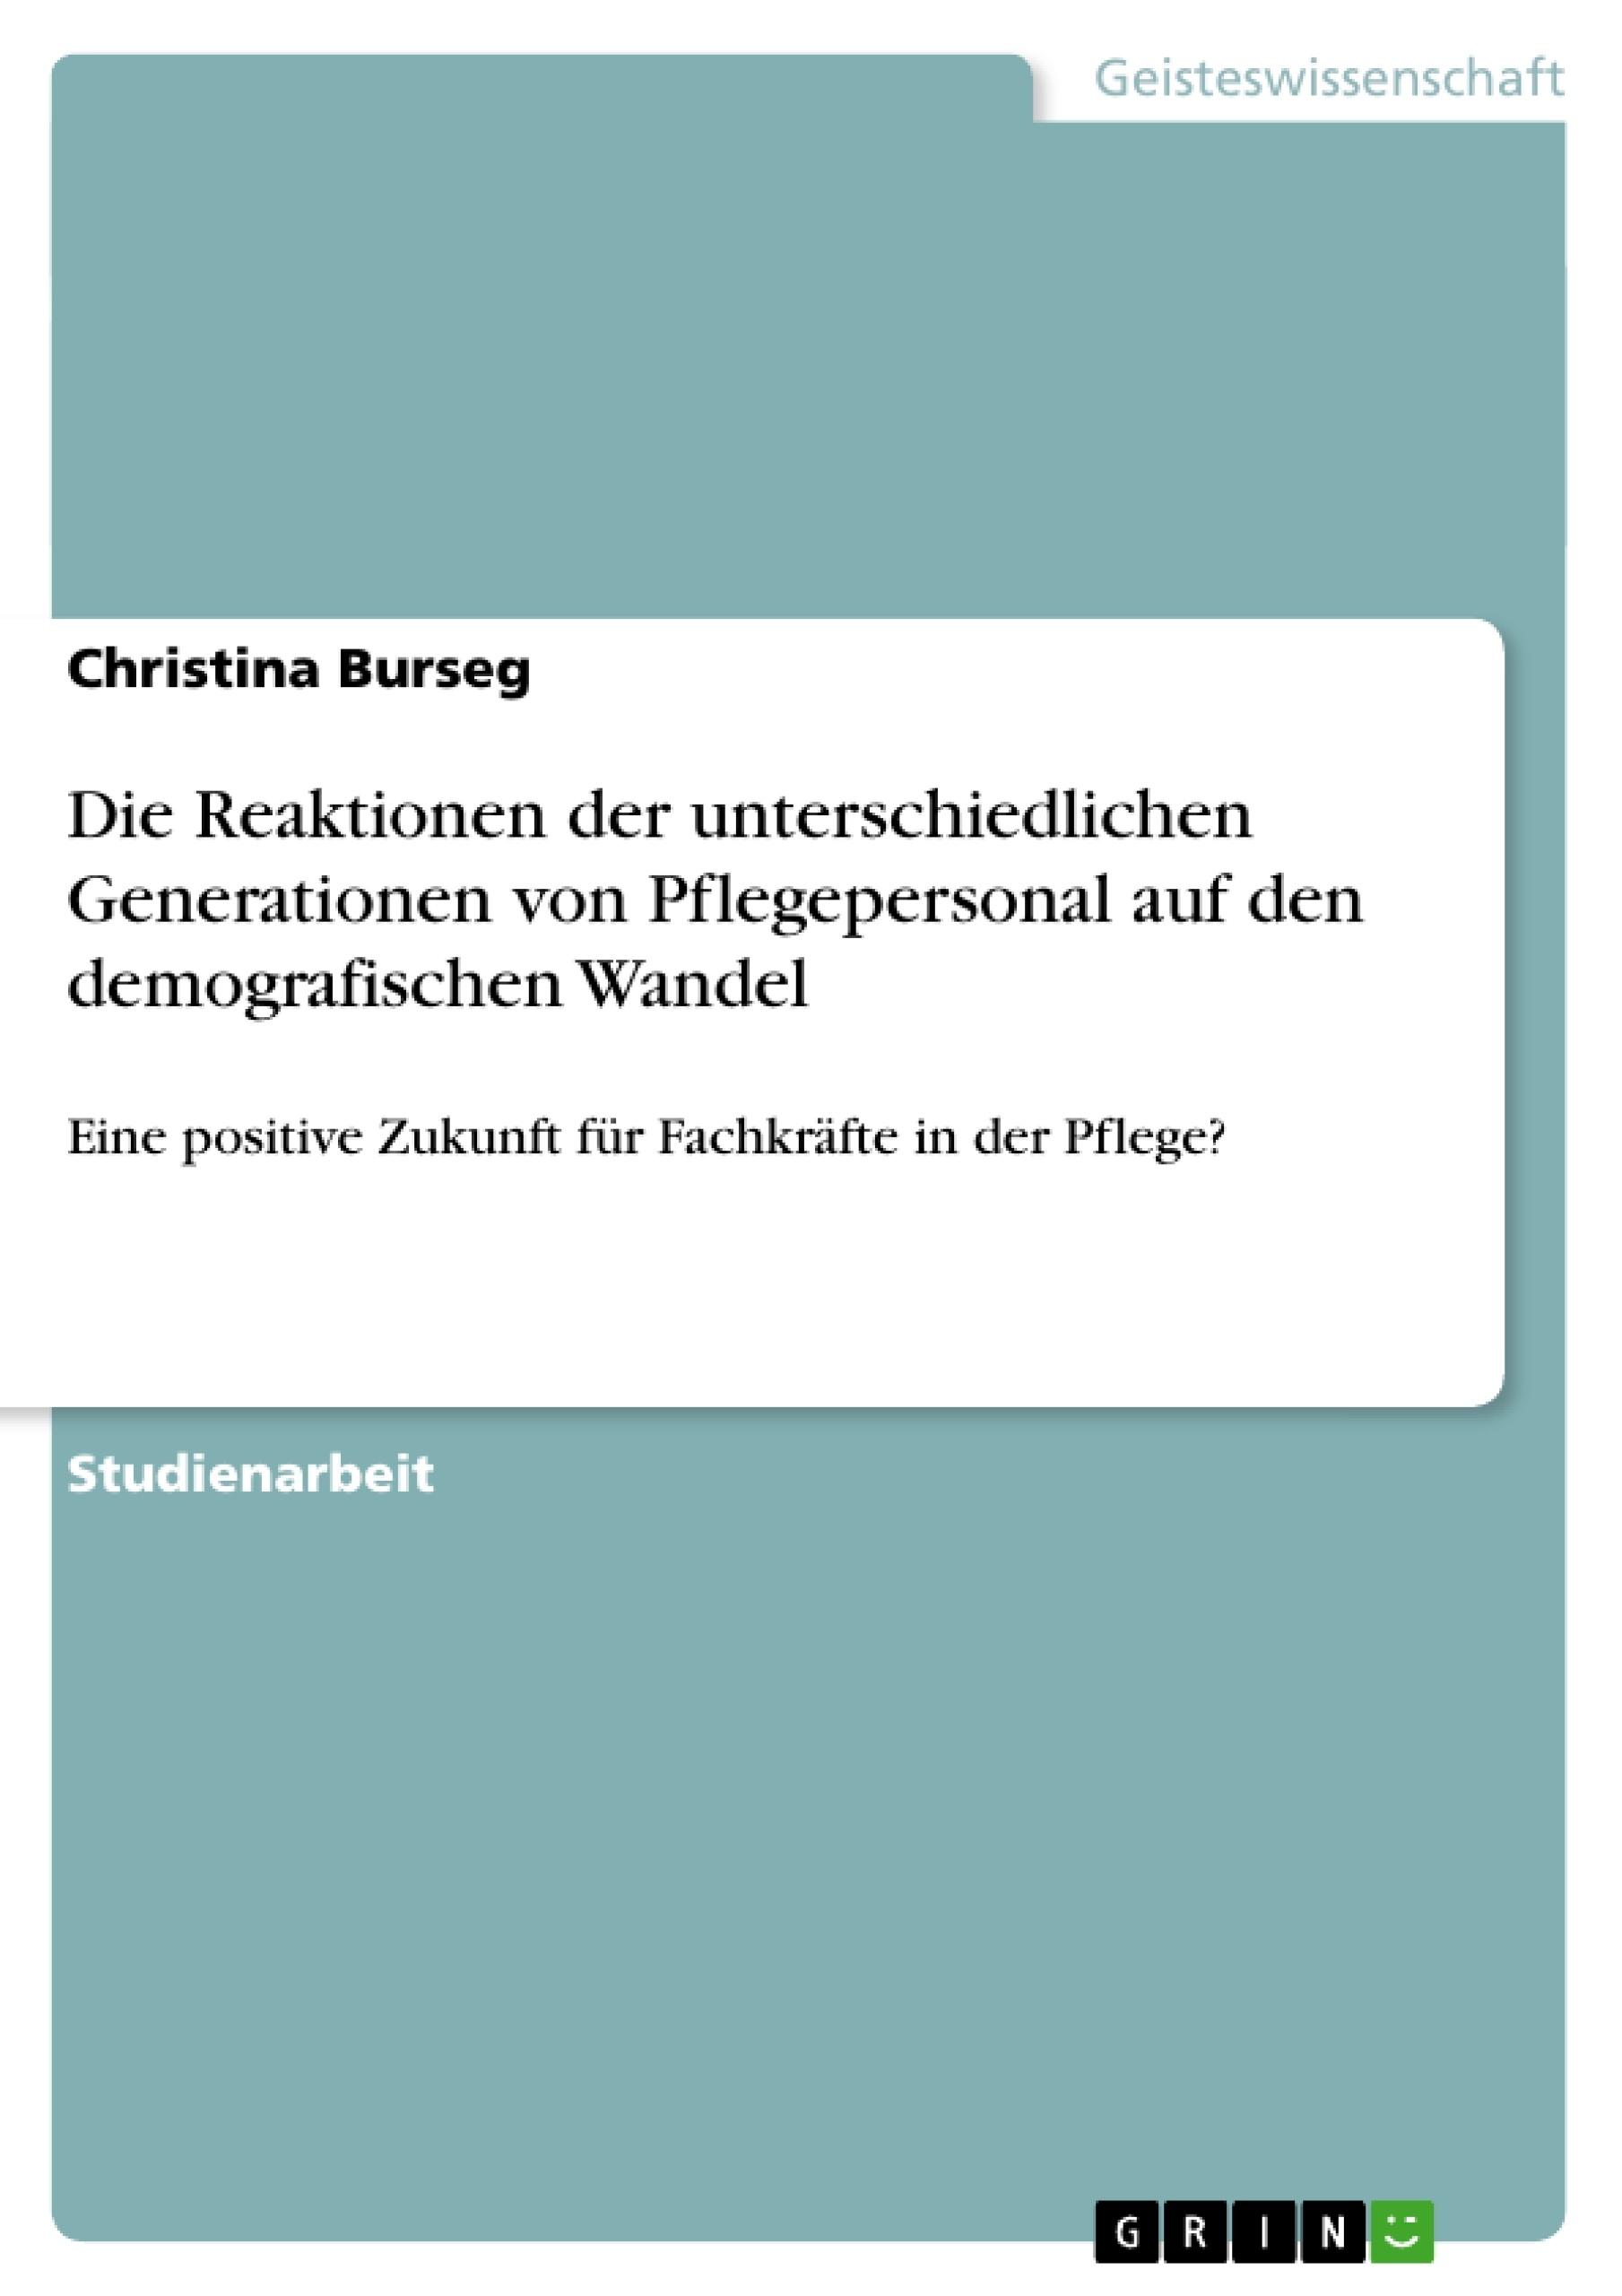 Titel: Die Reaktionen der unterschiedlichen Generationen von Pflegepersonal auf den demografischen Wandel